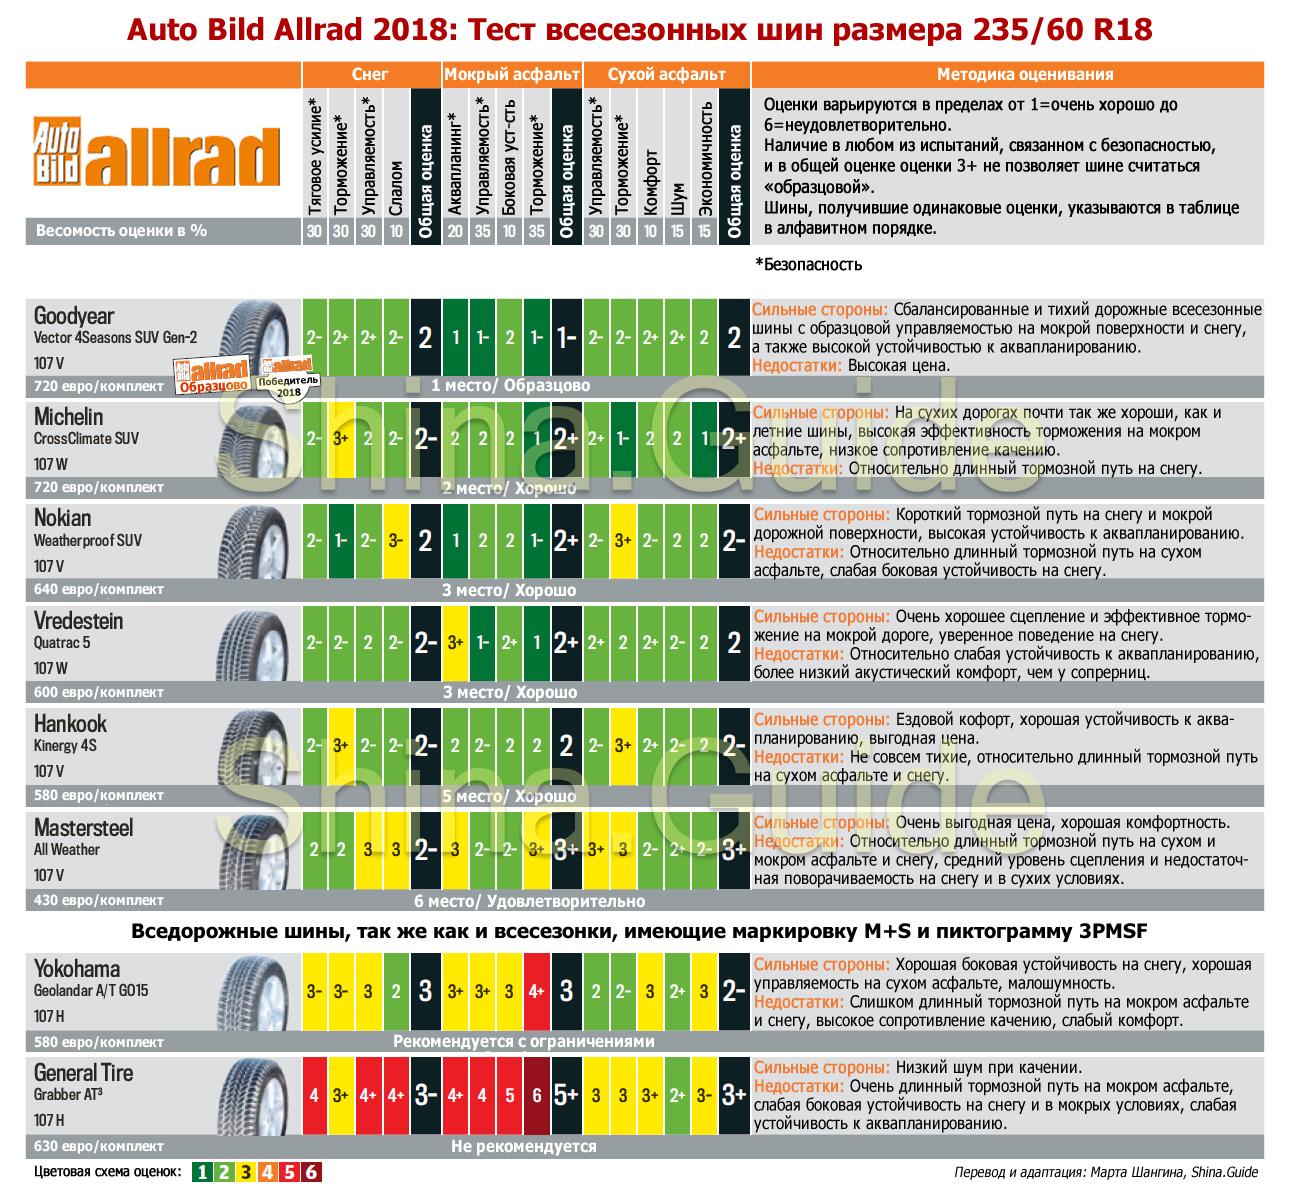 Сводная таблица результатов теста всесезонных шин размера 235/60 R18 для внедорожников. Auto Bild Allrad, 2018.